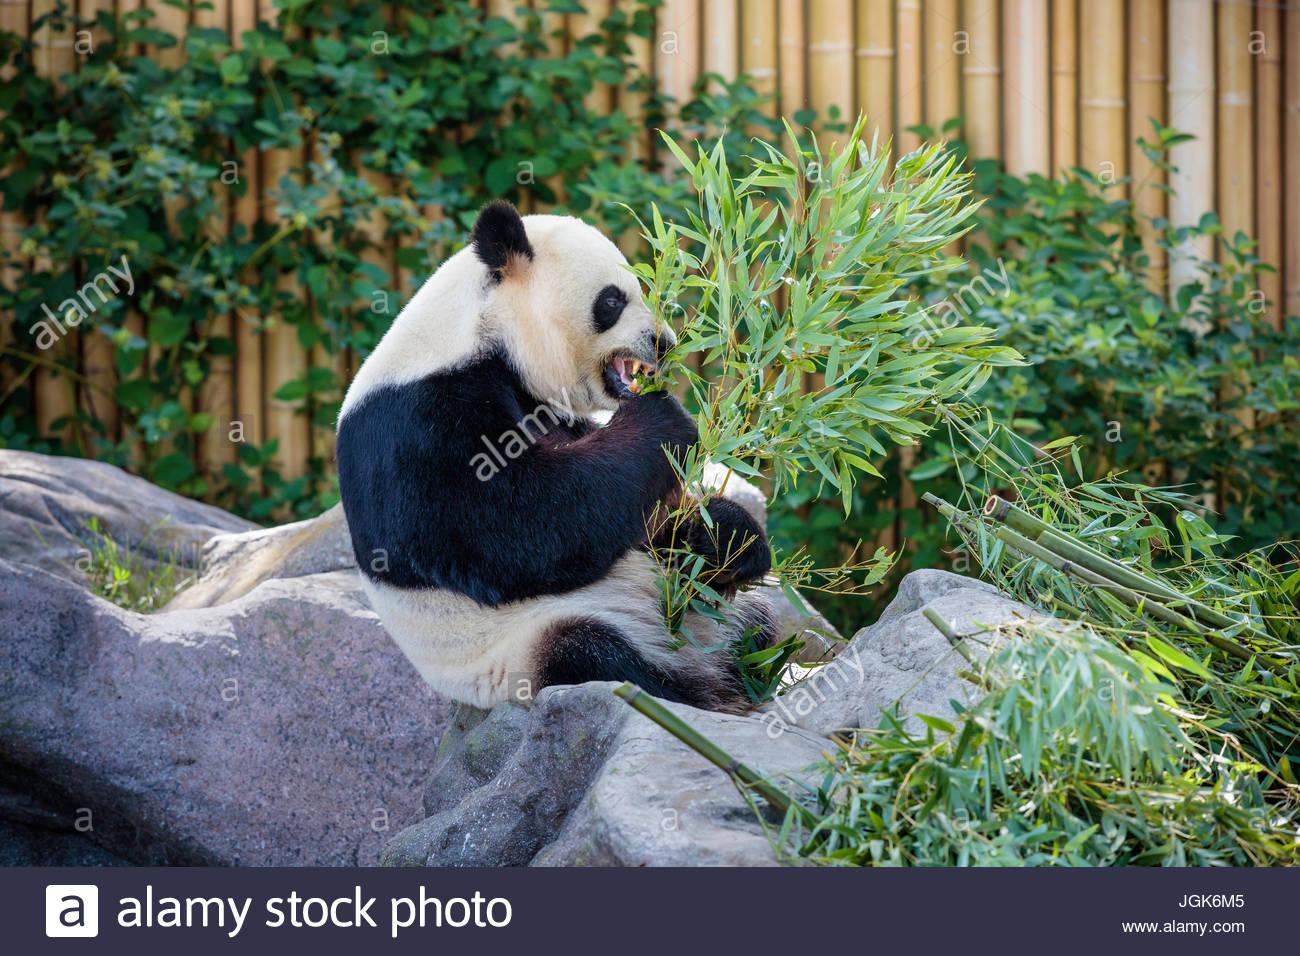 Toronto Zoo park panda gigante presentano Ailuropoda melanoleuca; orso panda presentano Viaggi turismo attrazione Immagini Stock